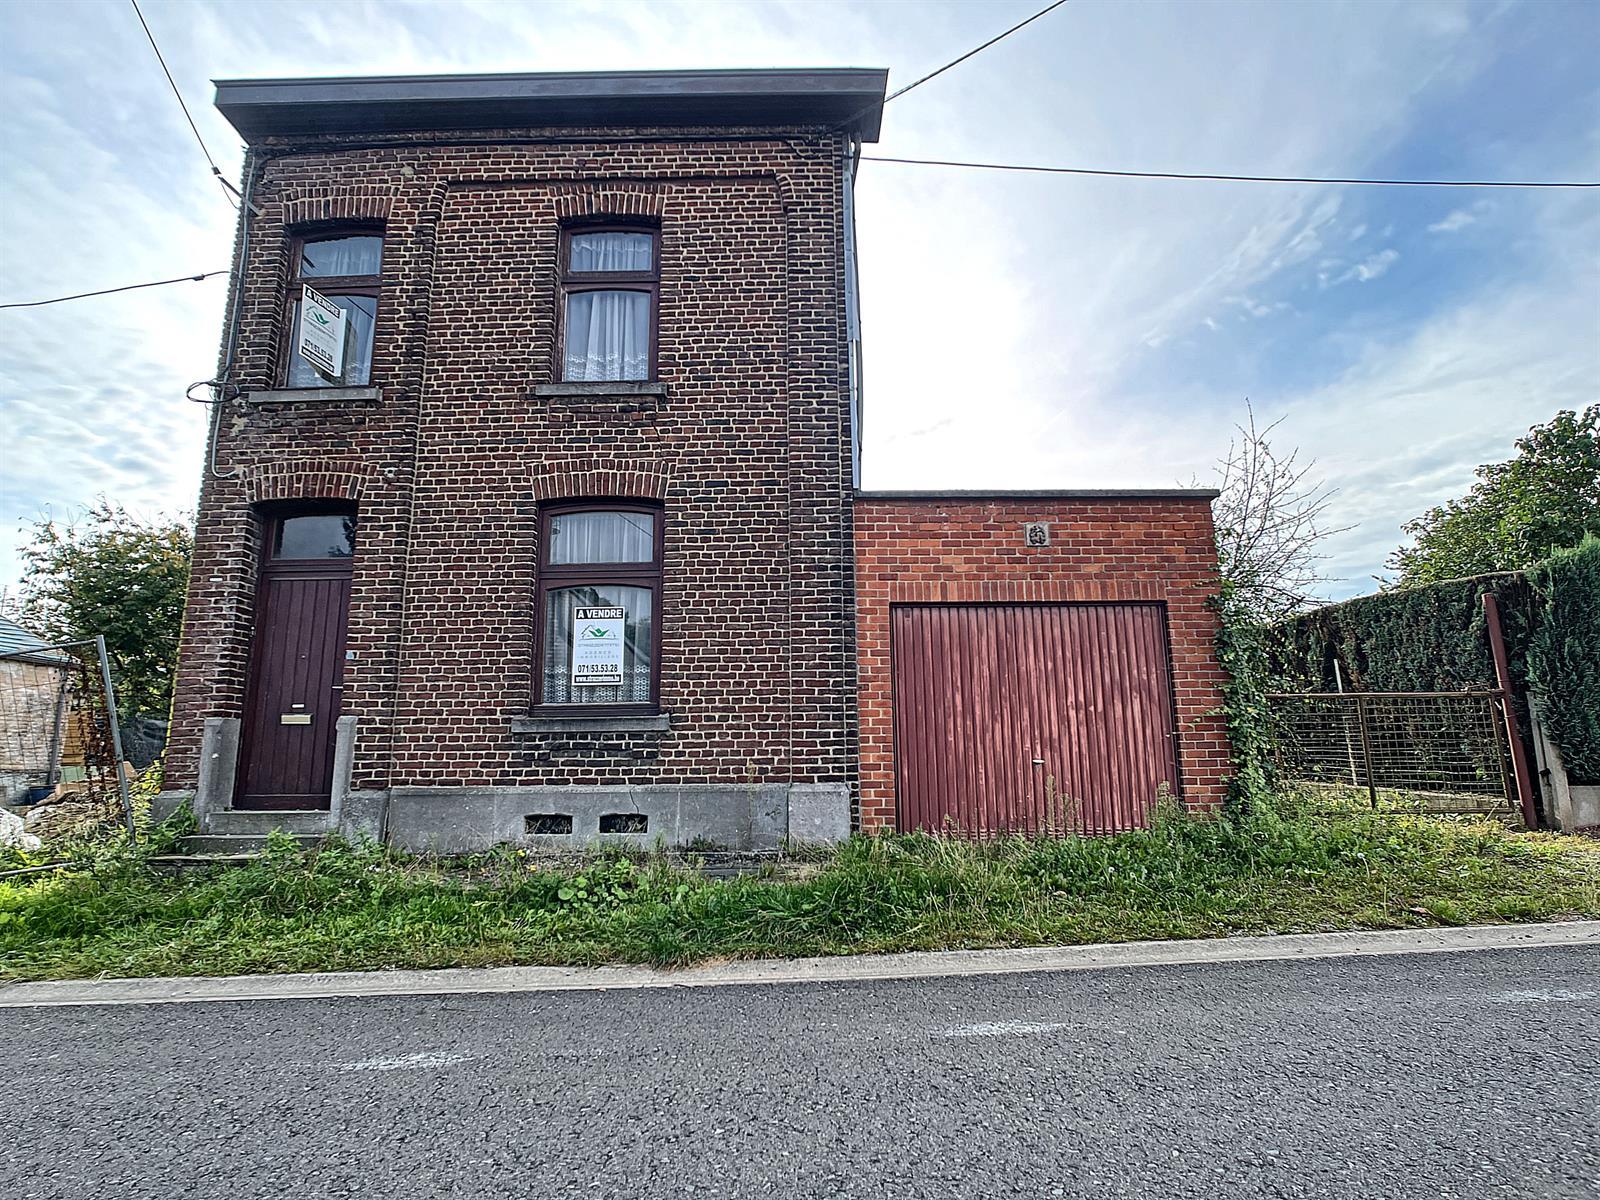 Maison - Courcelles - #4507256-1